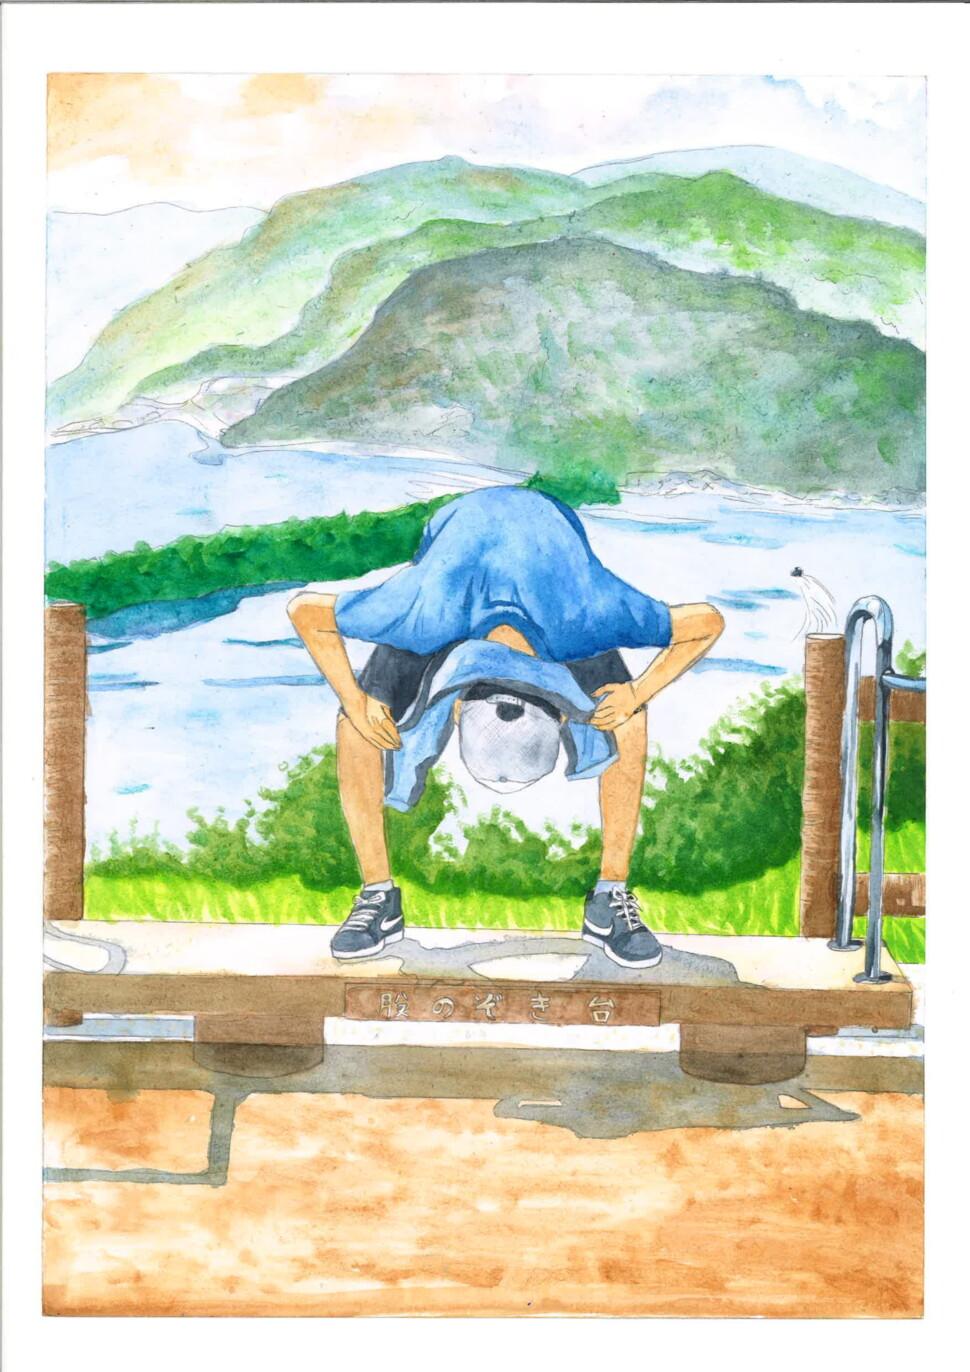 磐田工場長賞受賞作品「天橋立で股のぞき」